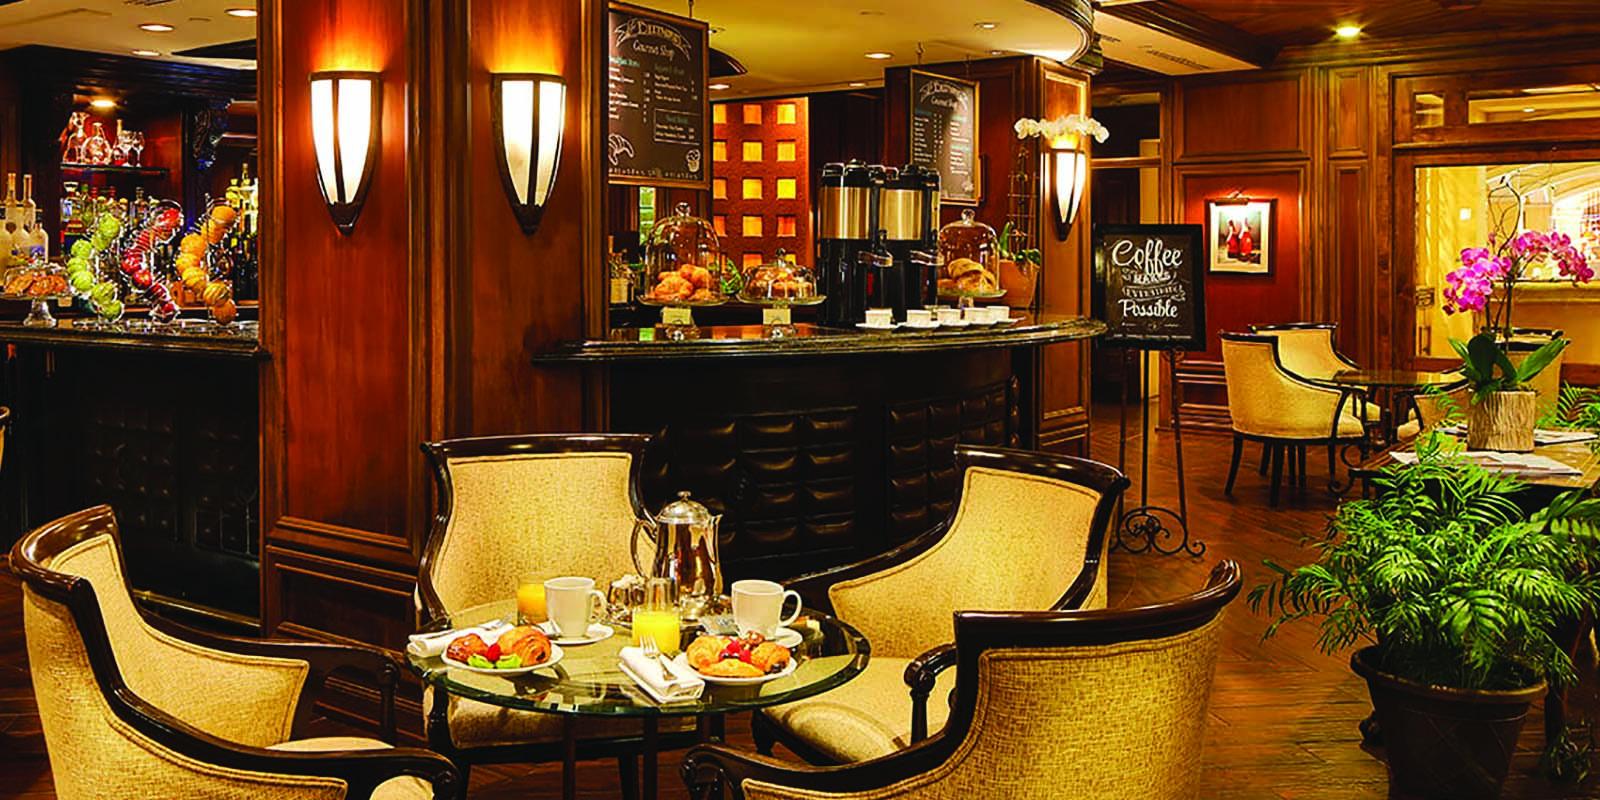 Cellar Club Coffee shop